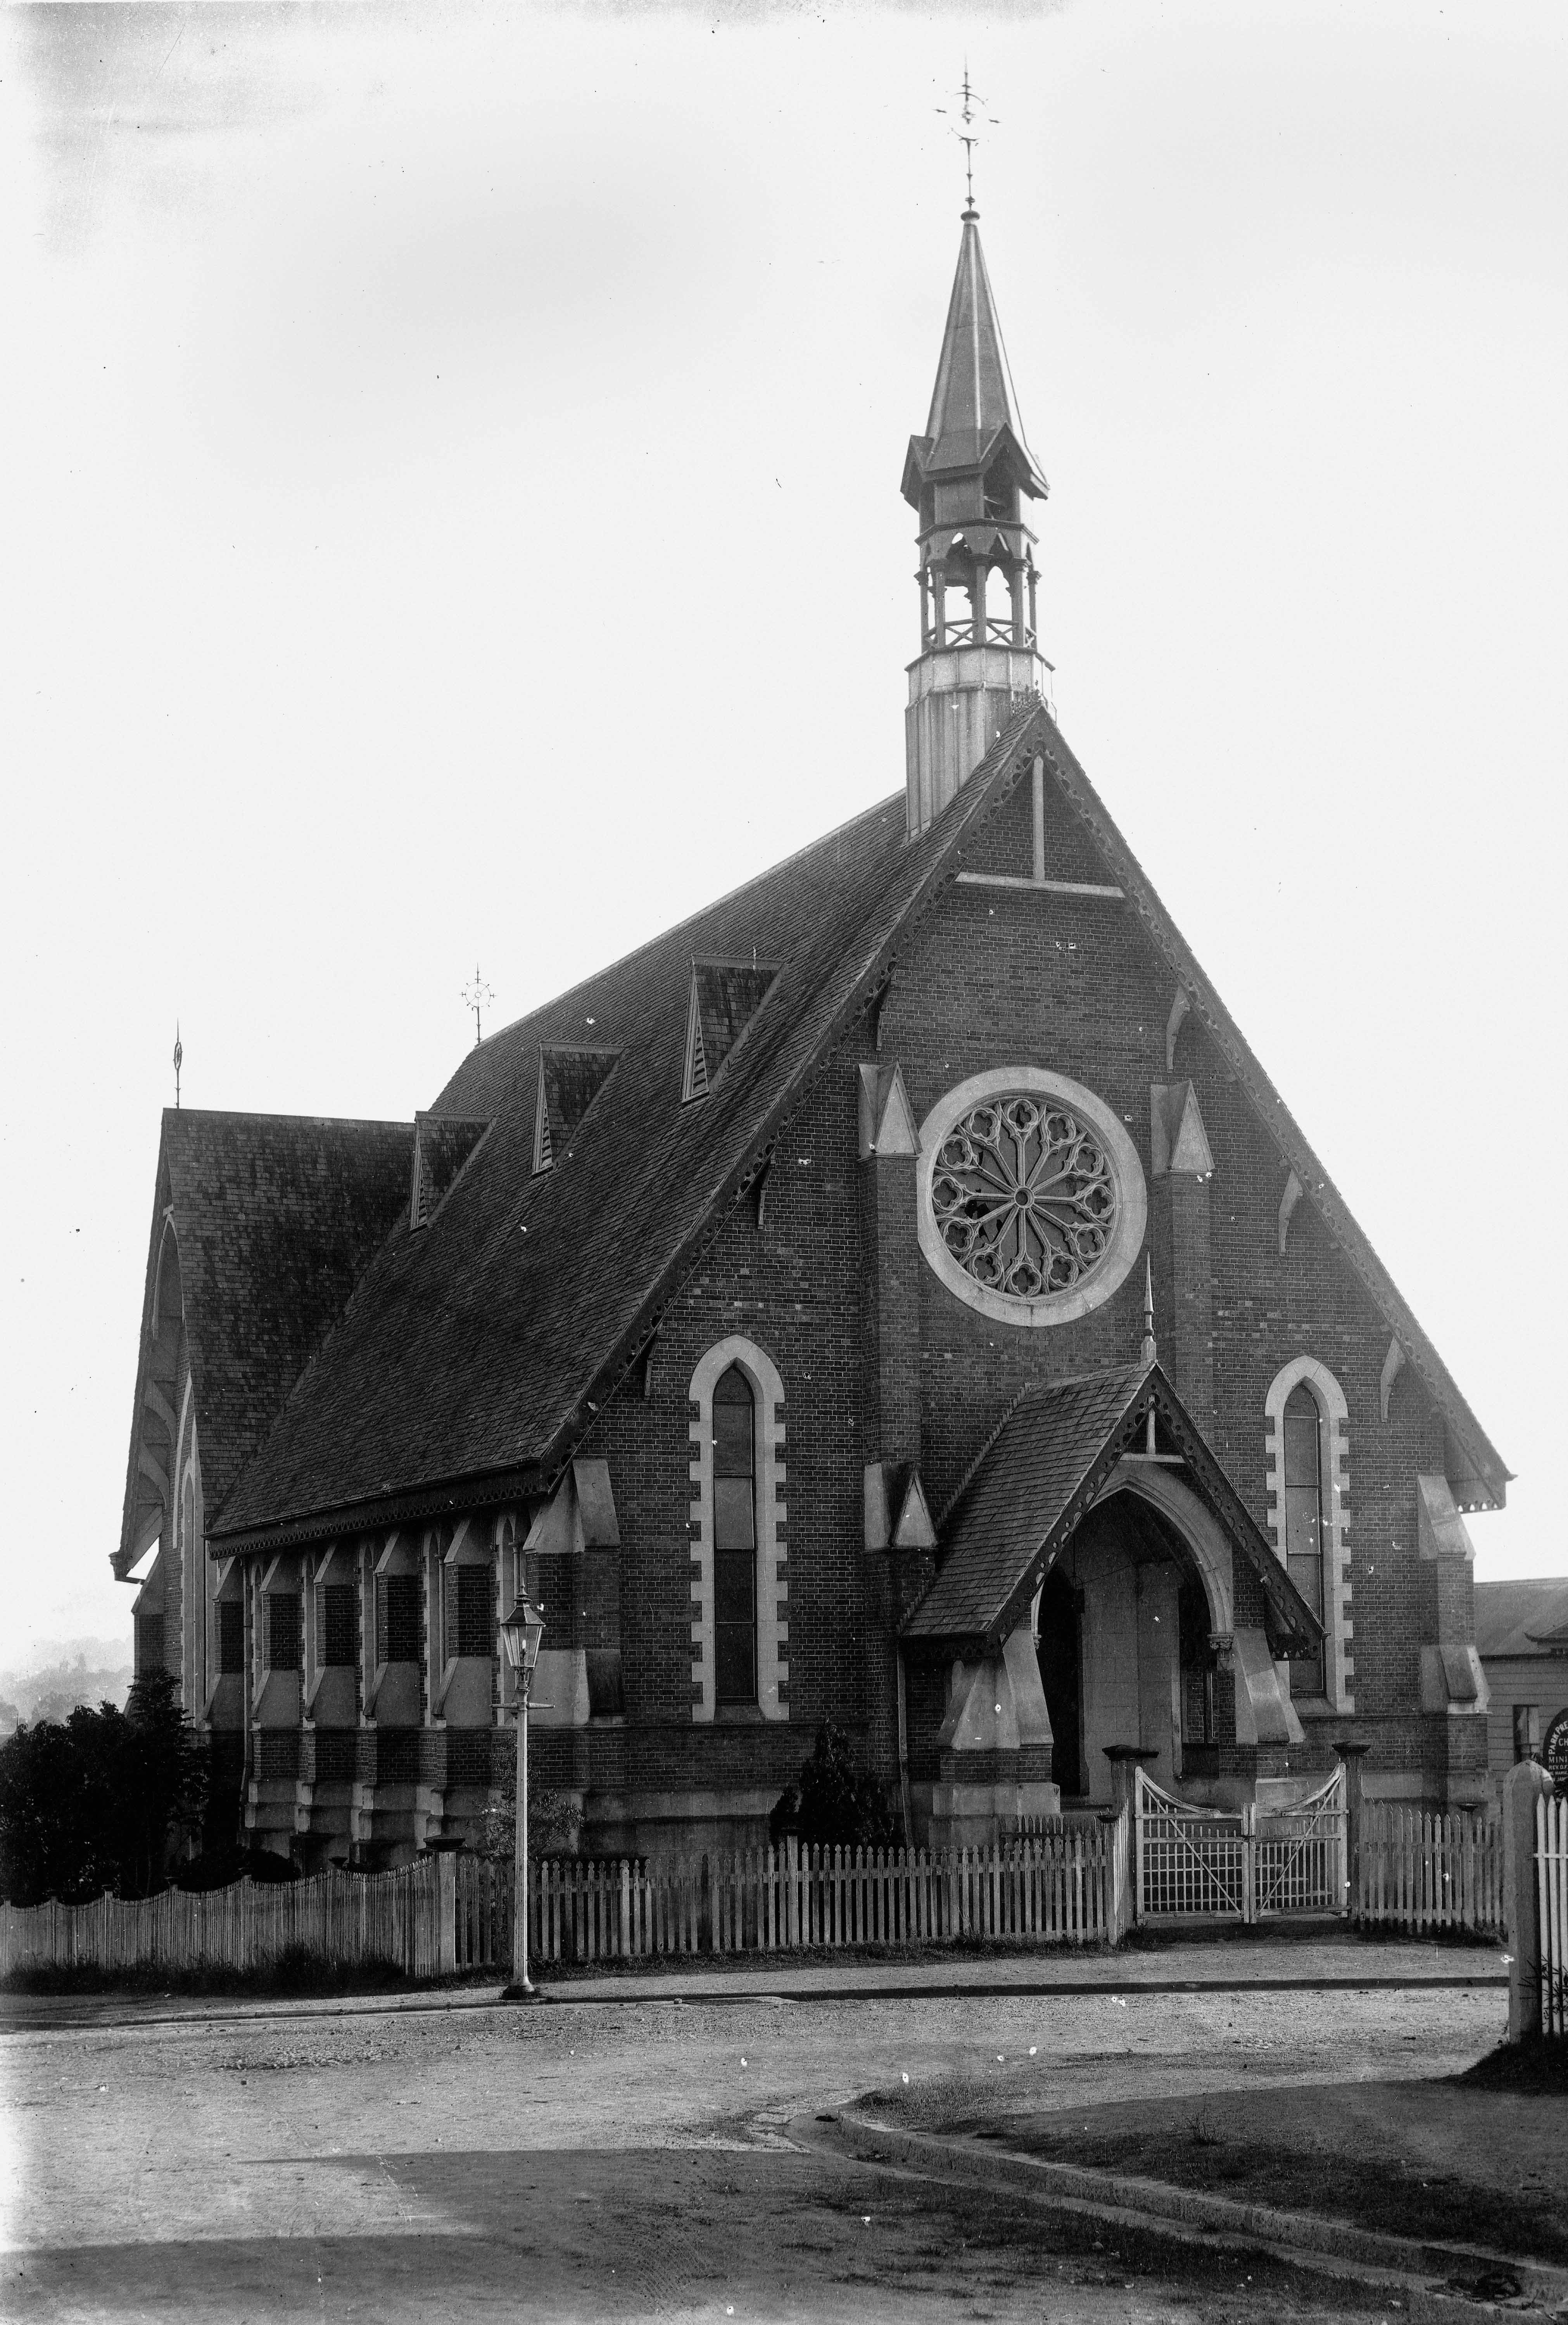 park presbyterian church 1885 slq